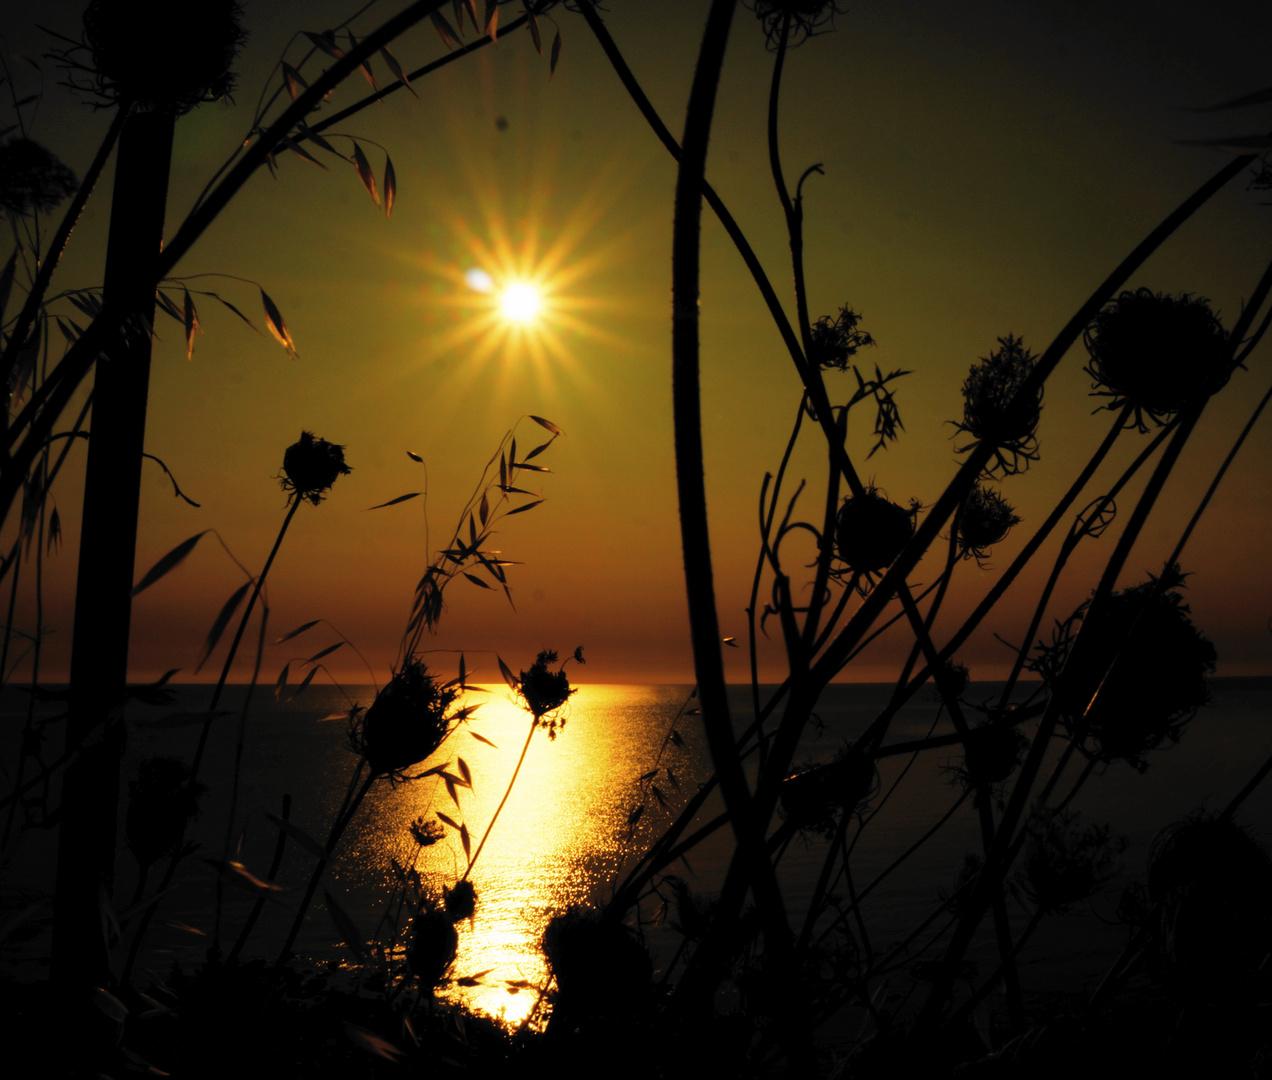 Sonnenaufgang in Sardinien III